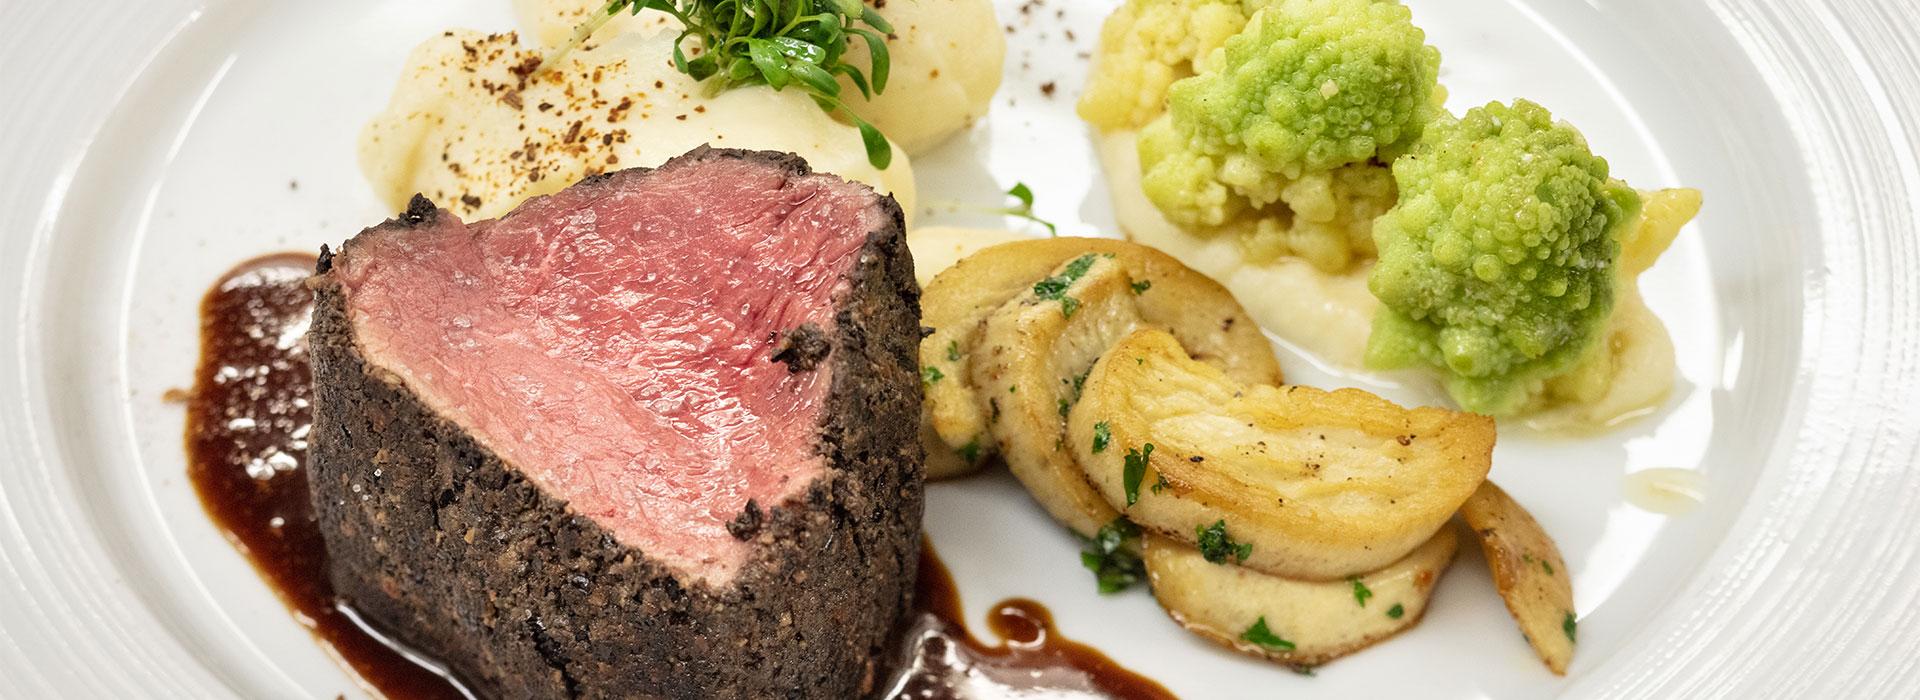 Fleisch mit Beilagen im Restaurant Baumhove in Werne